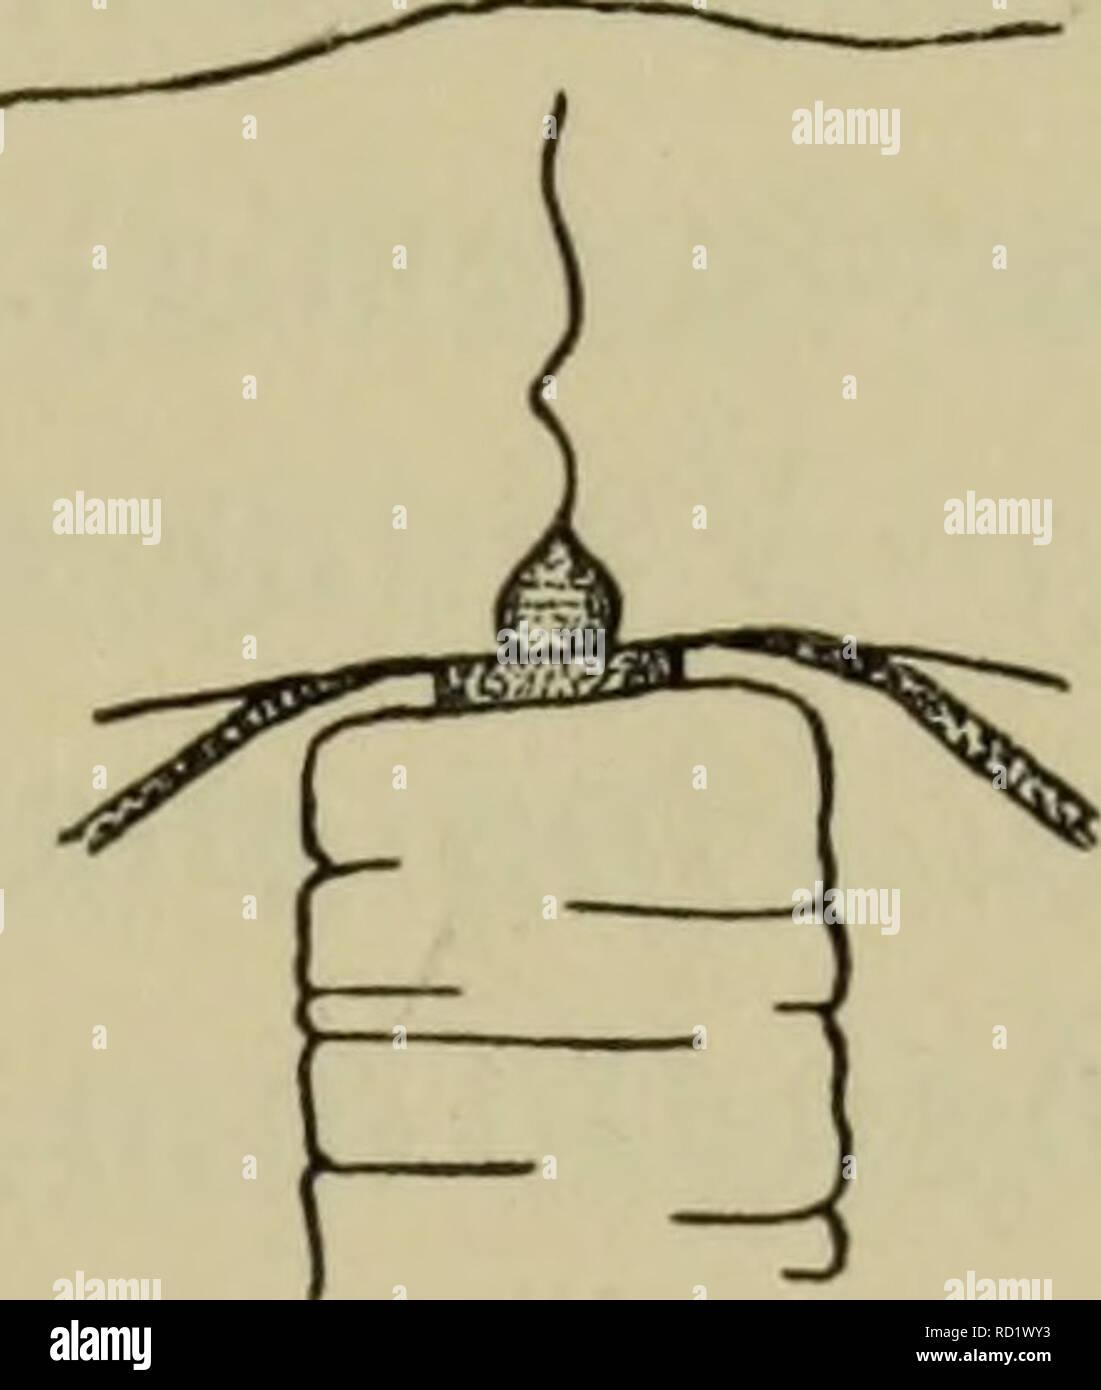 . Danmarks fauna; illustrerede haandbøger over den danske dyreverden... . 19 cyster (især hos Margeliderne). Maven er hyppigst flaskeformet, af meget forskellig Størrelse; i dens Sidevægge ligger Gonaderne (som hos enkelte For- mer kan strække sig et kort Stykke ud langs Radiærkanalerne). Gonaderne kan danne en sluttet Ring omkring Manubrium eller ved lodrette Stri- ber være delt i 4 interradiale eller 8 adradiale Dele (sjældnere er der 5 eller et andet Antal Gonader). Undertiden er Maven ikke fæstet direkte til Subumbrella, men til en fra dennes Midte udgaaende gelatinøs Udvæxt, der kaldes Ma Stock Photo